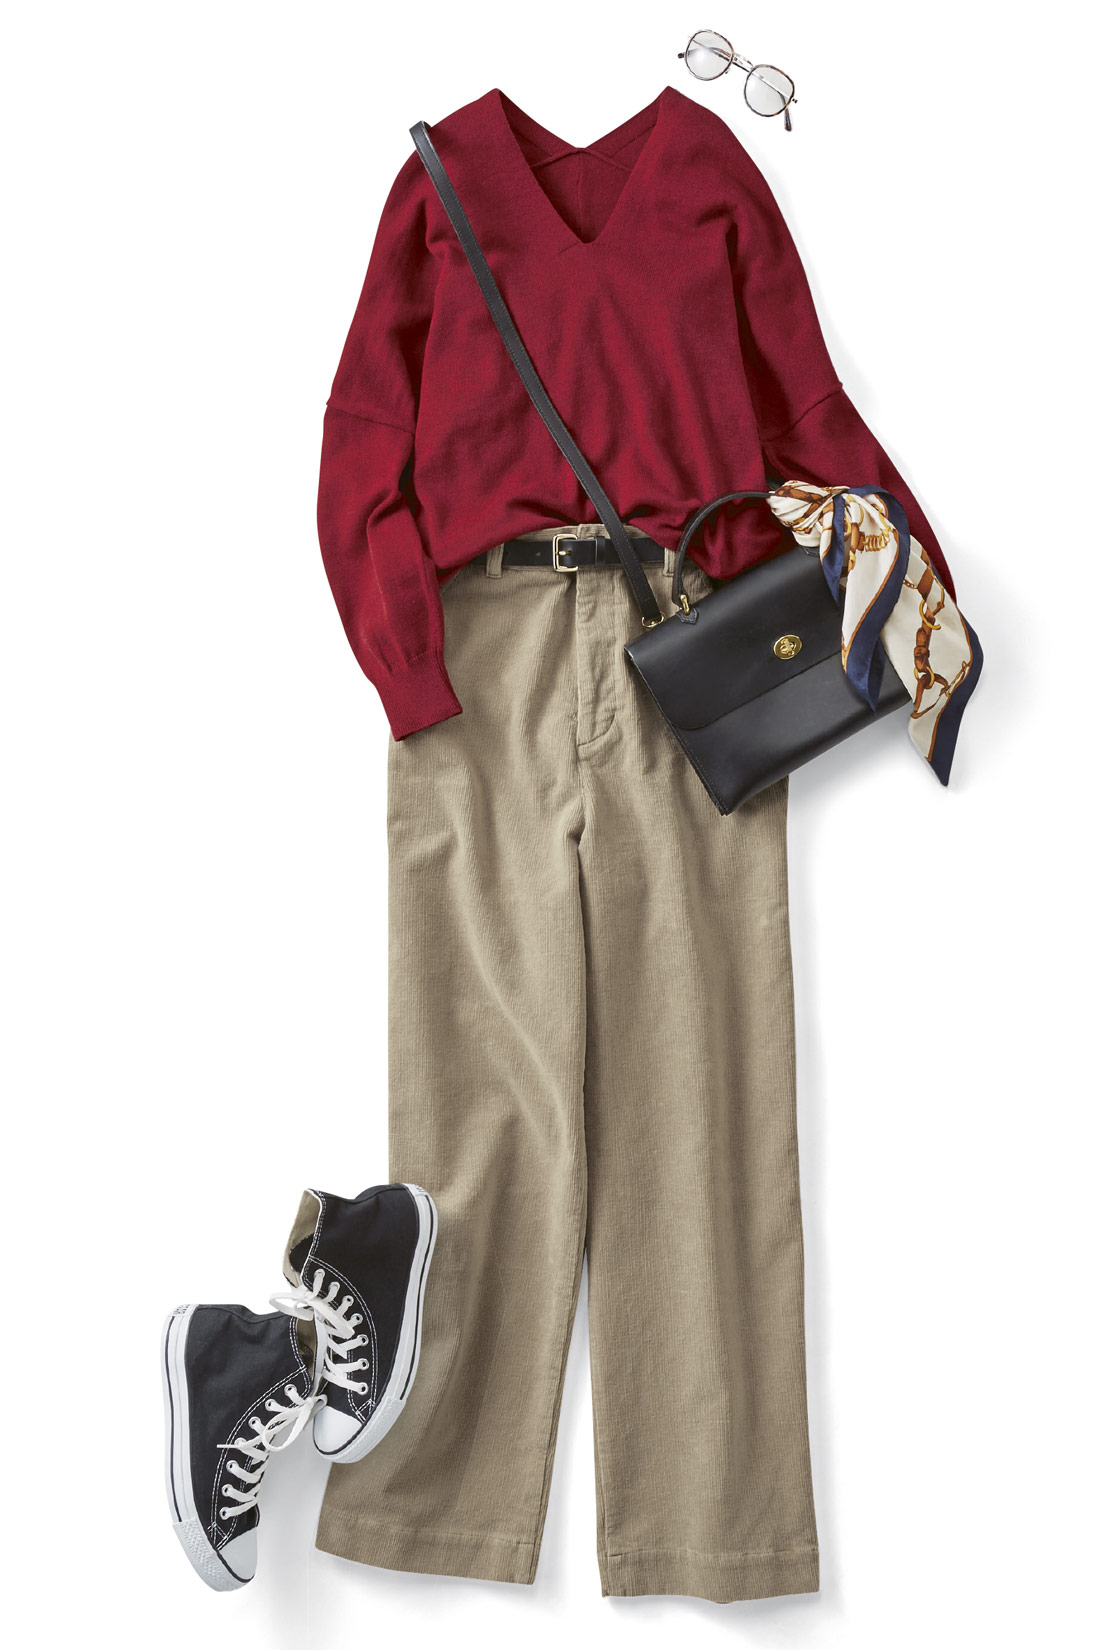 秋いちばんに着たいのはニット×コーデュロイで魅せる知的なワンツーコーデ